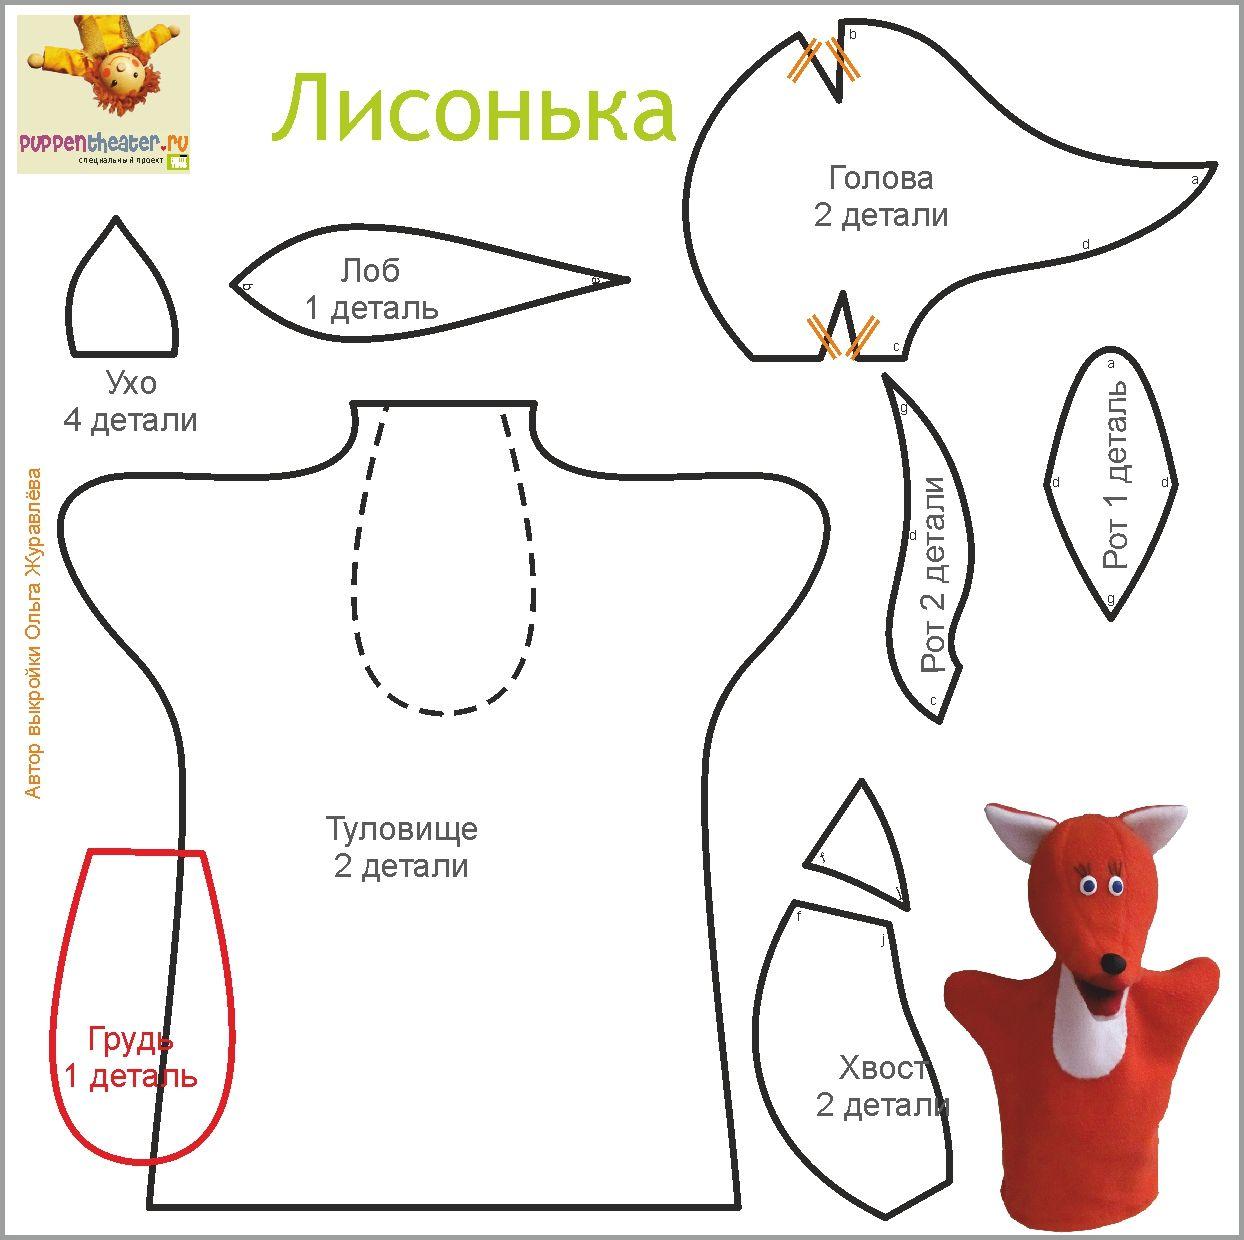 Как сделать лису для кукольного театра своими руками